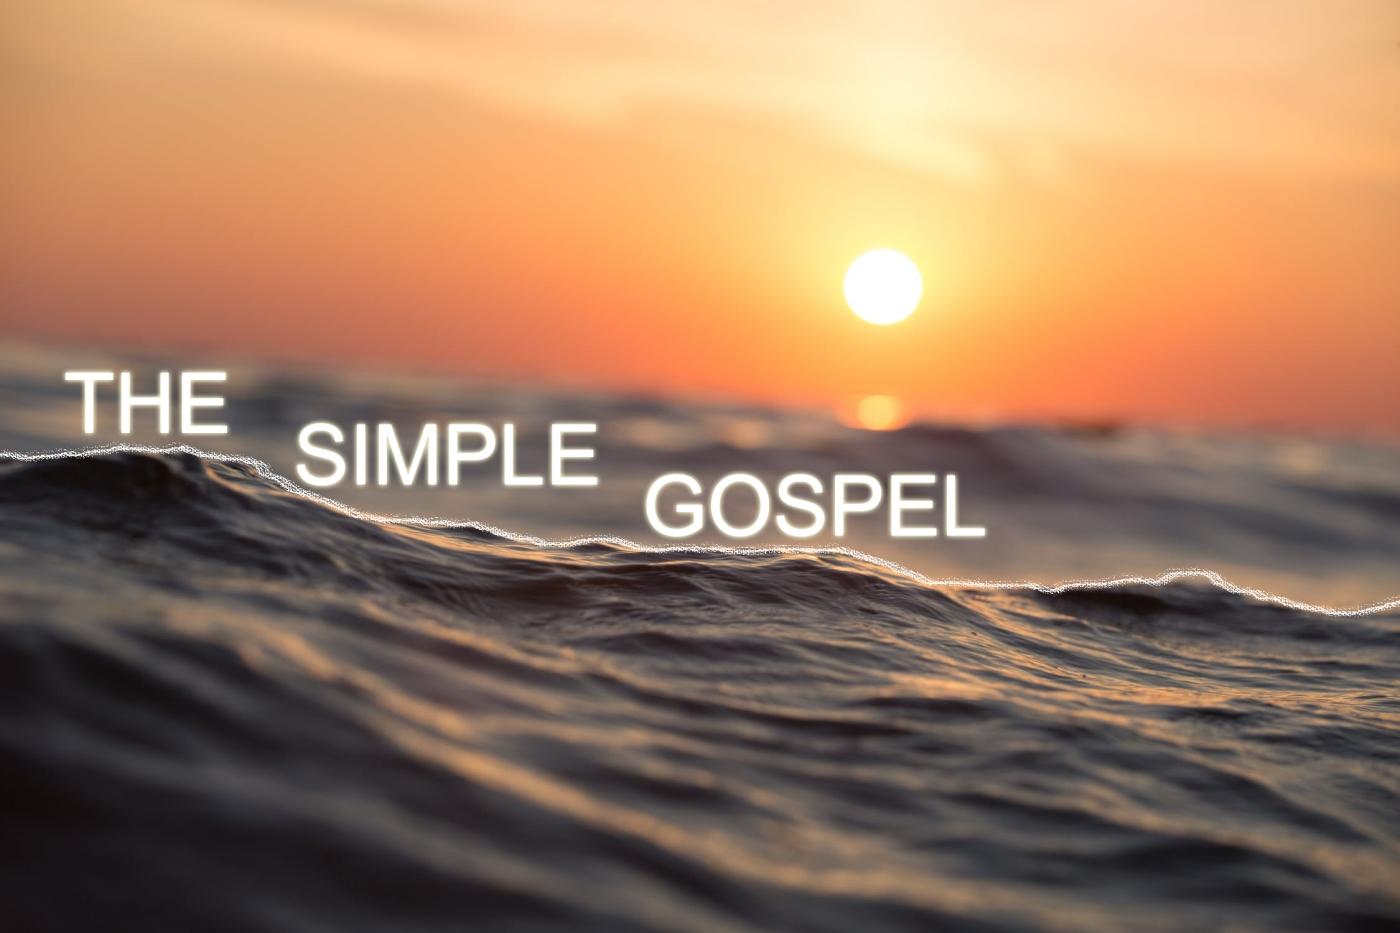 The Simple Gospel - Ocean